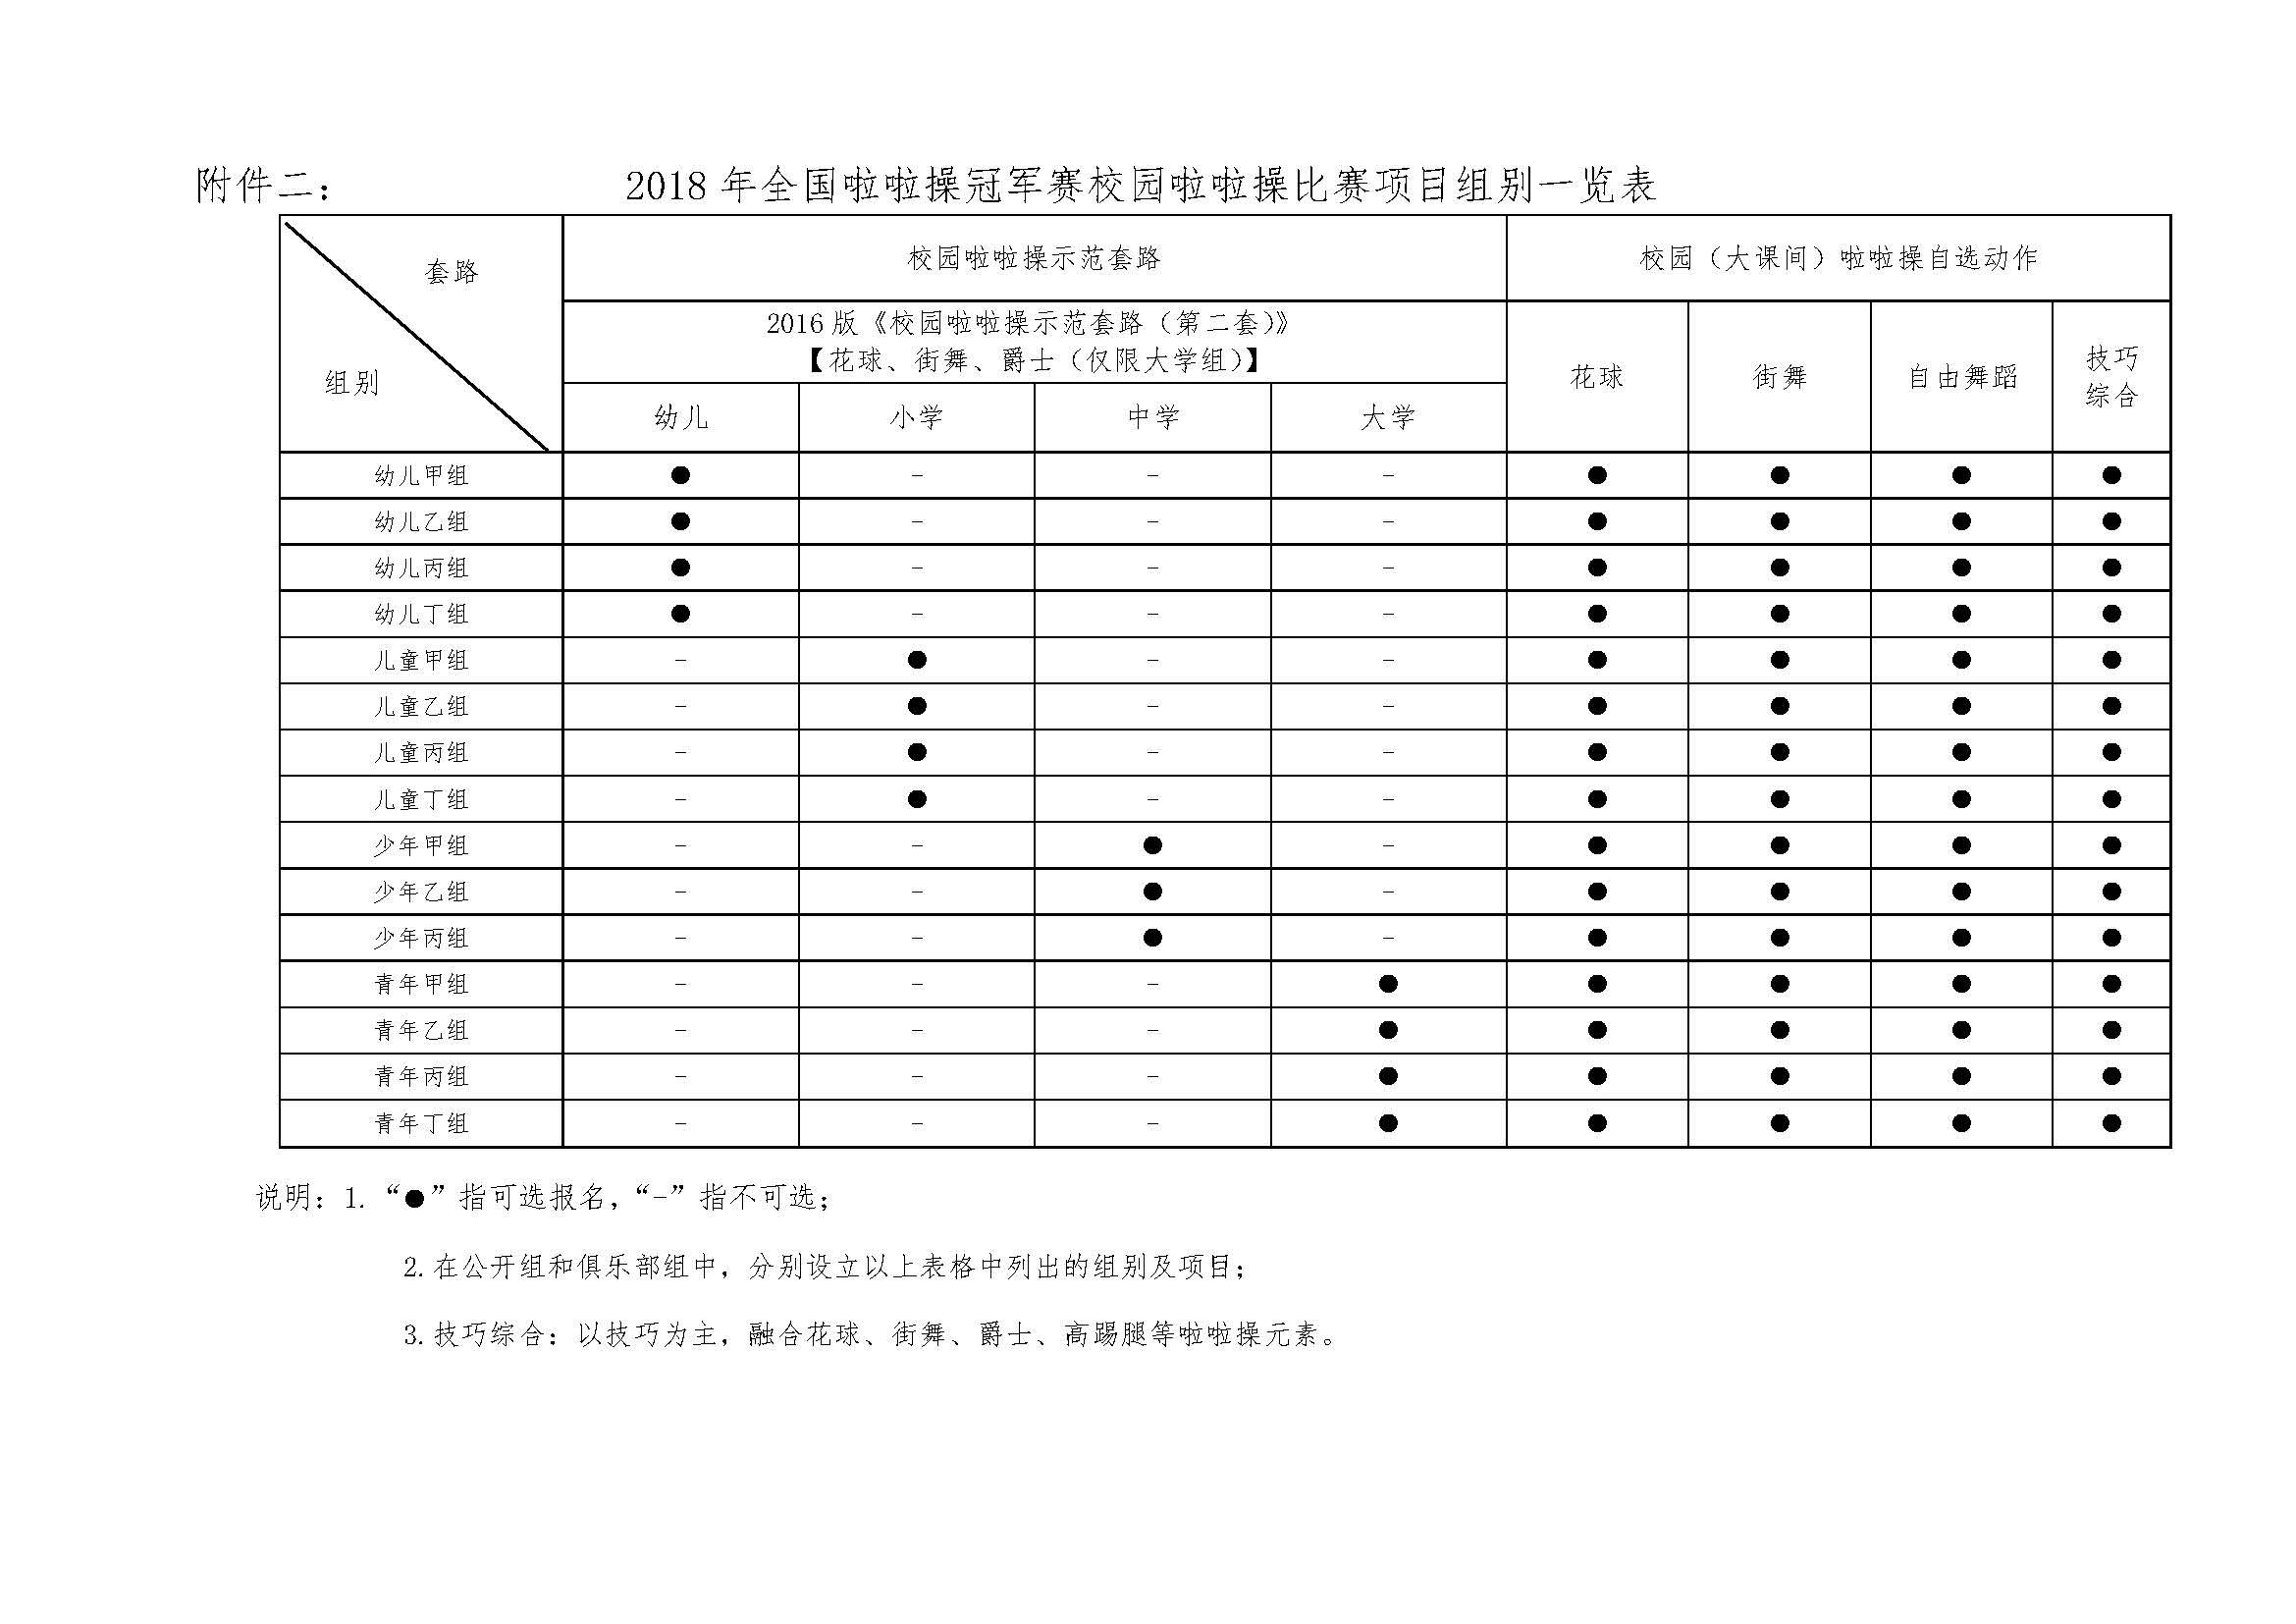 049号-2018年全国啦啦操冠军赛(幼儿组、儿童组和成年组)通知插图(23)